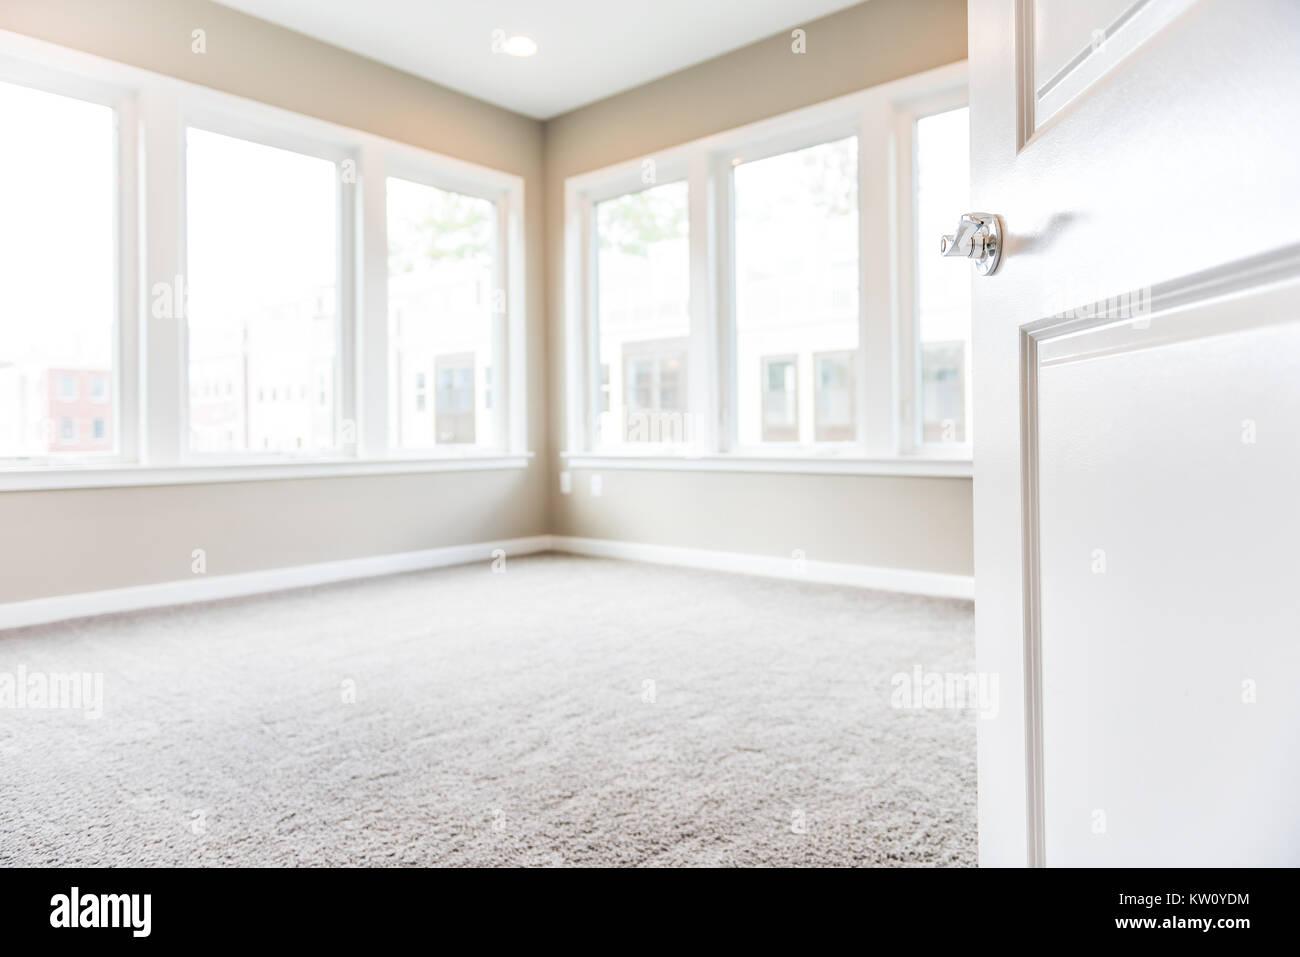 Chambre vide en entrée de nouveaux appartement de luxe moderne avec ...